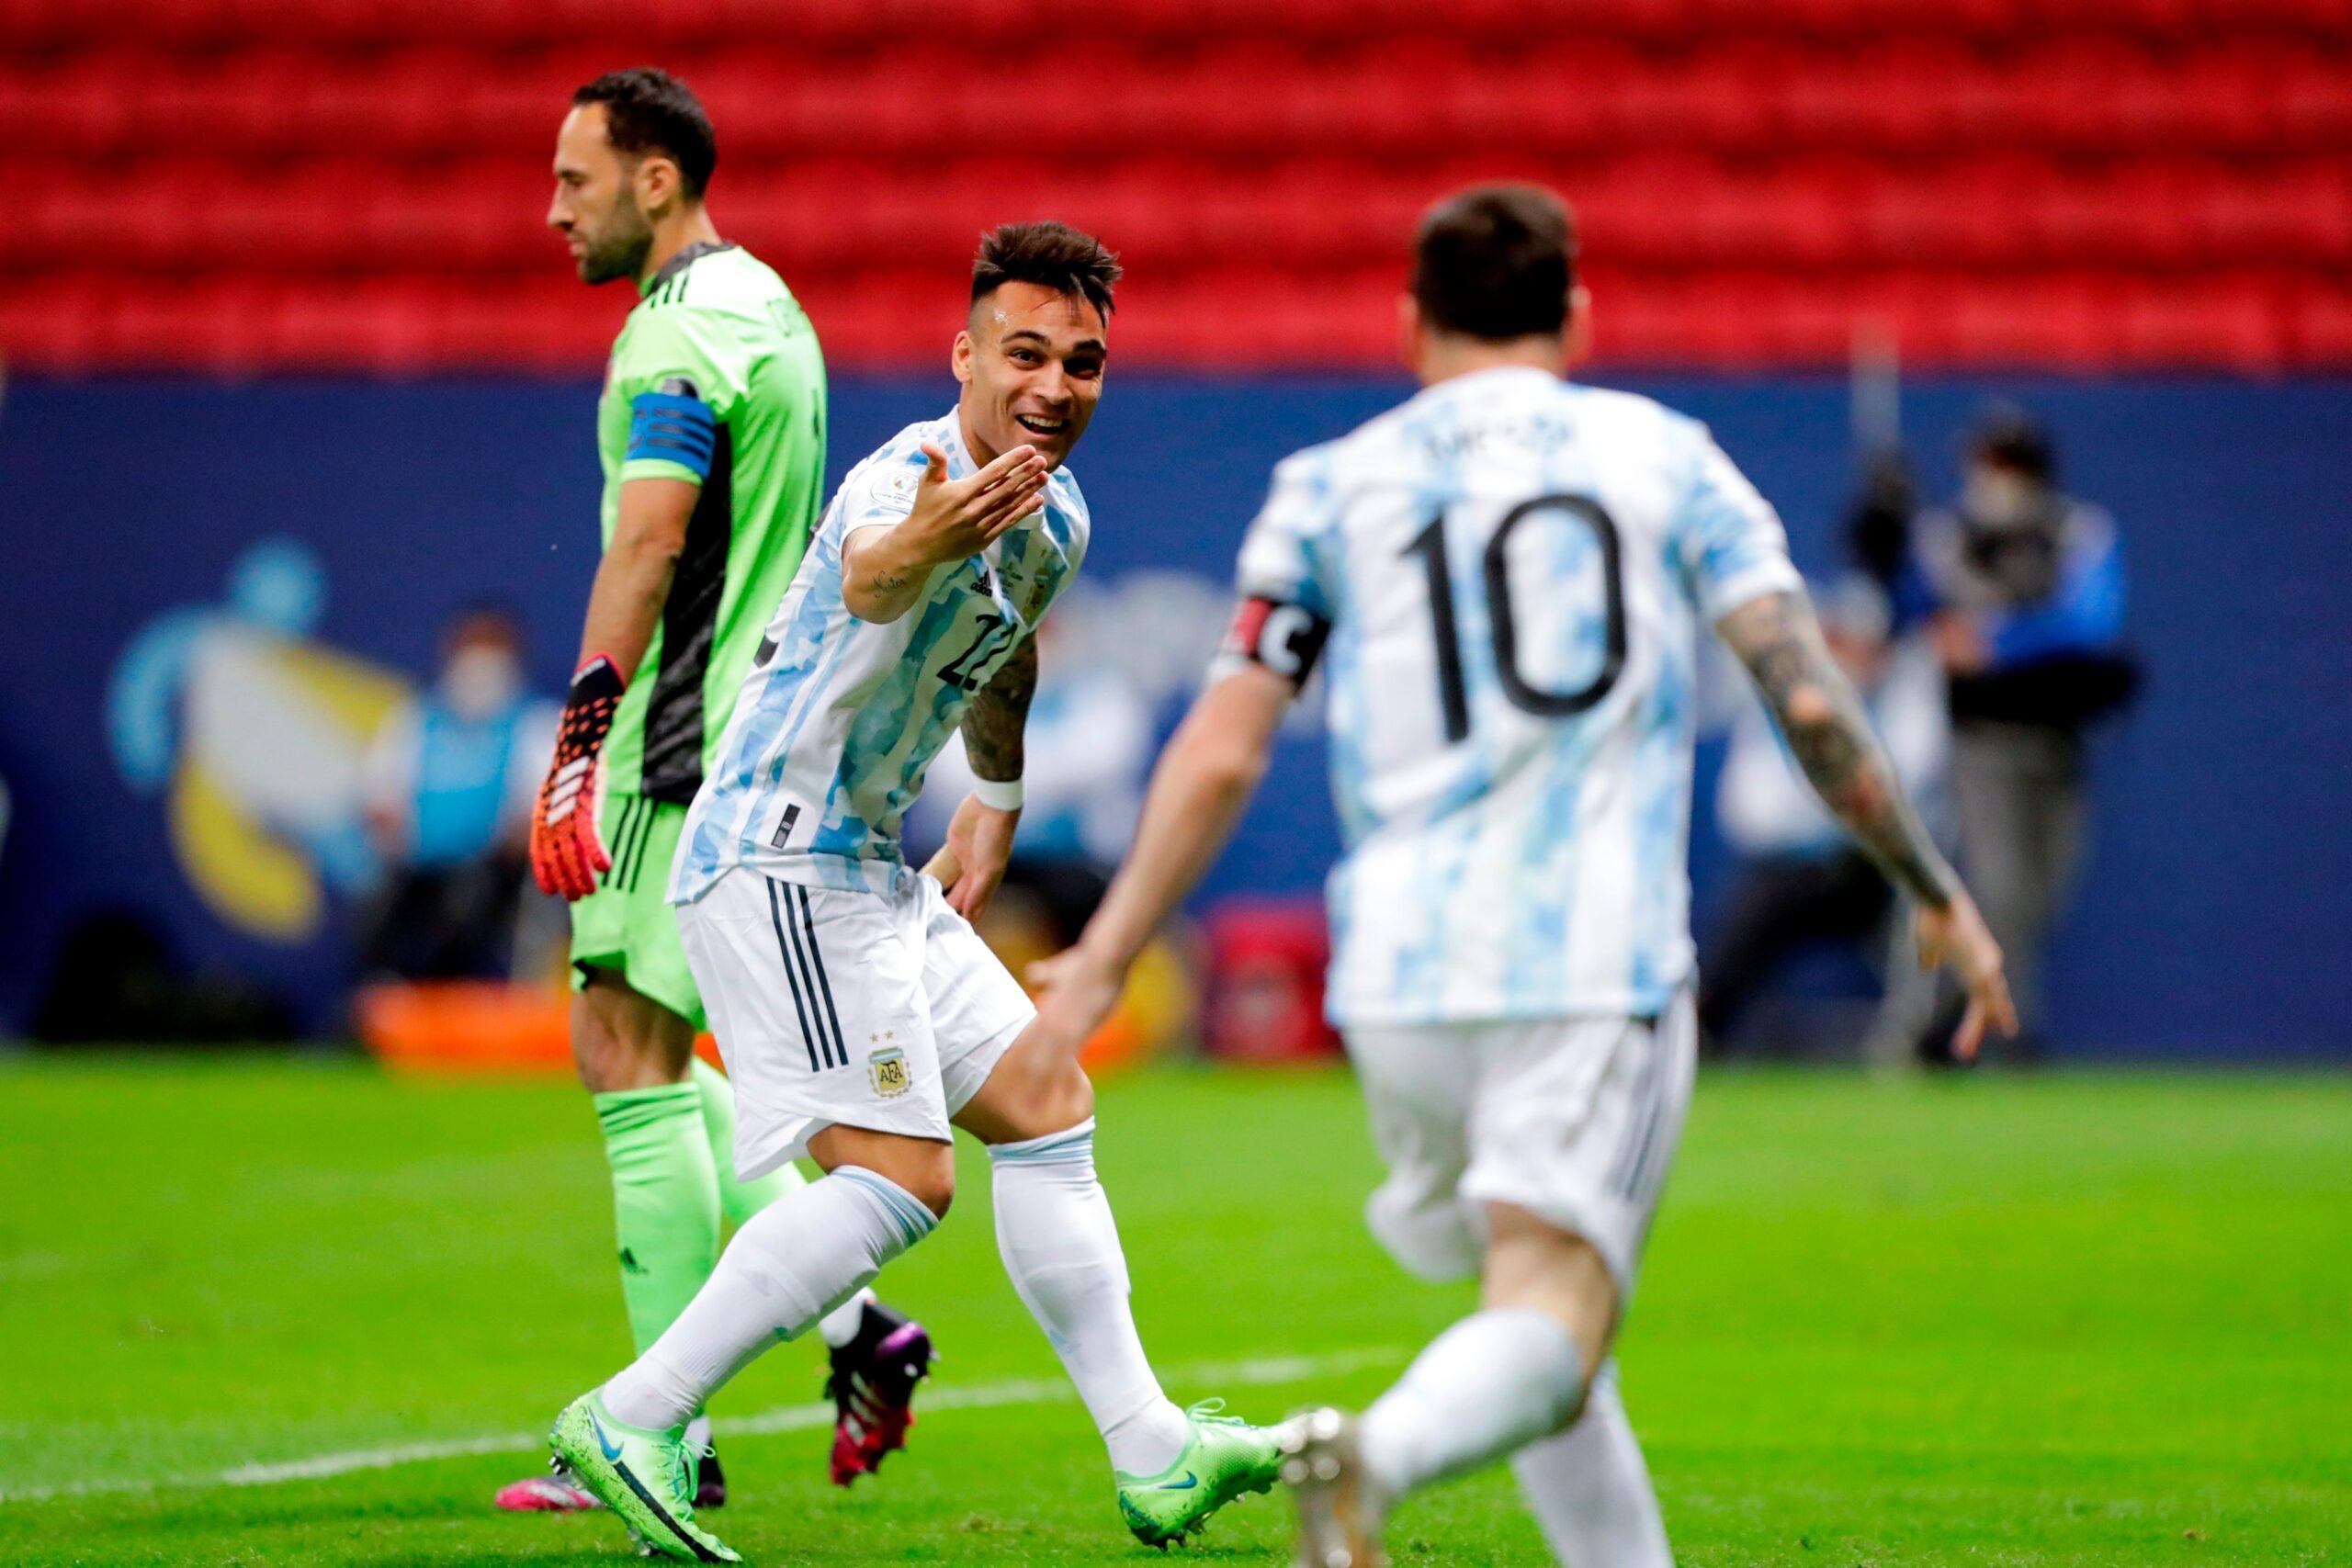 Emiliano Martínez manda a Argentina a la final de la Copa América 2021 tras imponerse en penales a Colombia